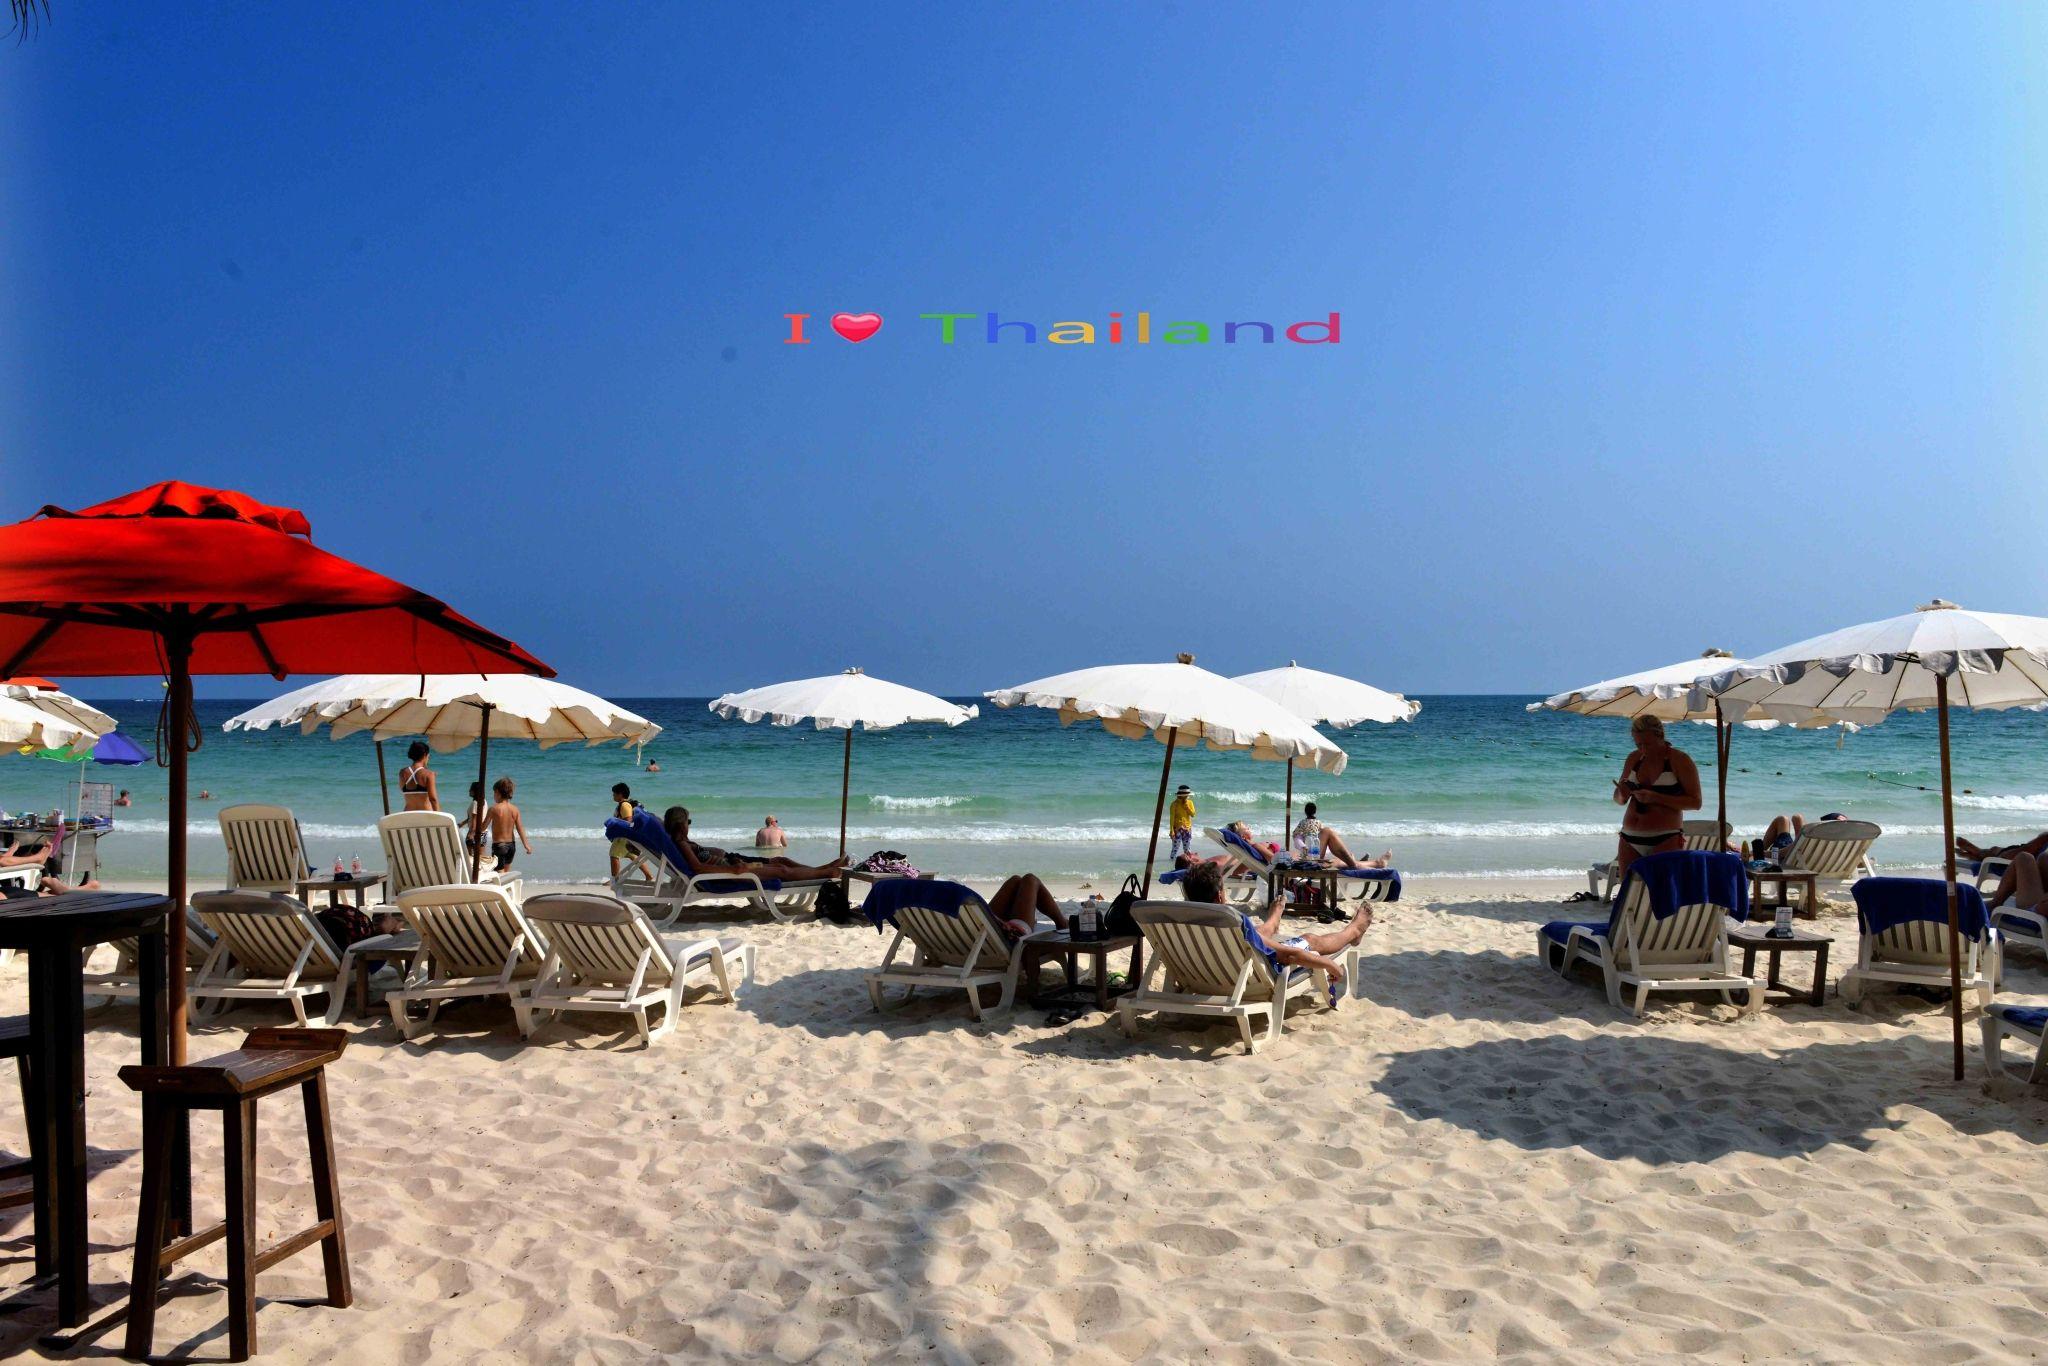 曼谷,芭提雅,宿沙美岛6日度假之旅_安排芭提雅悬崖餐厅